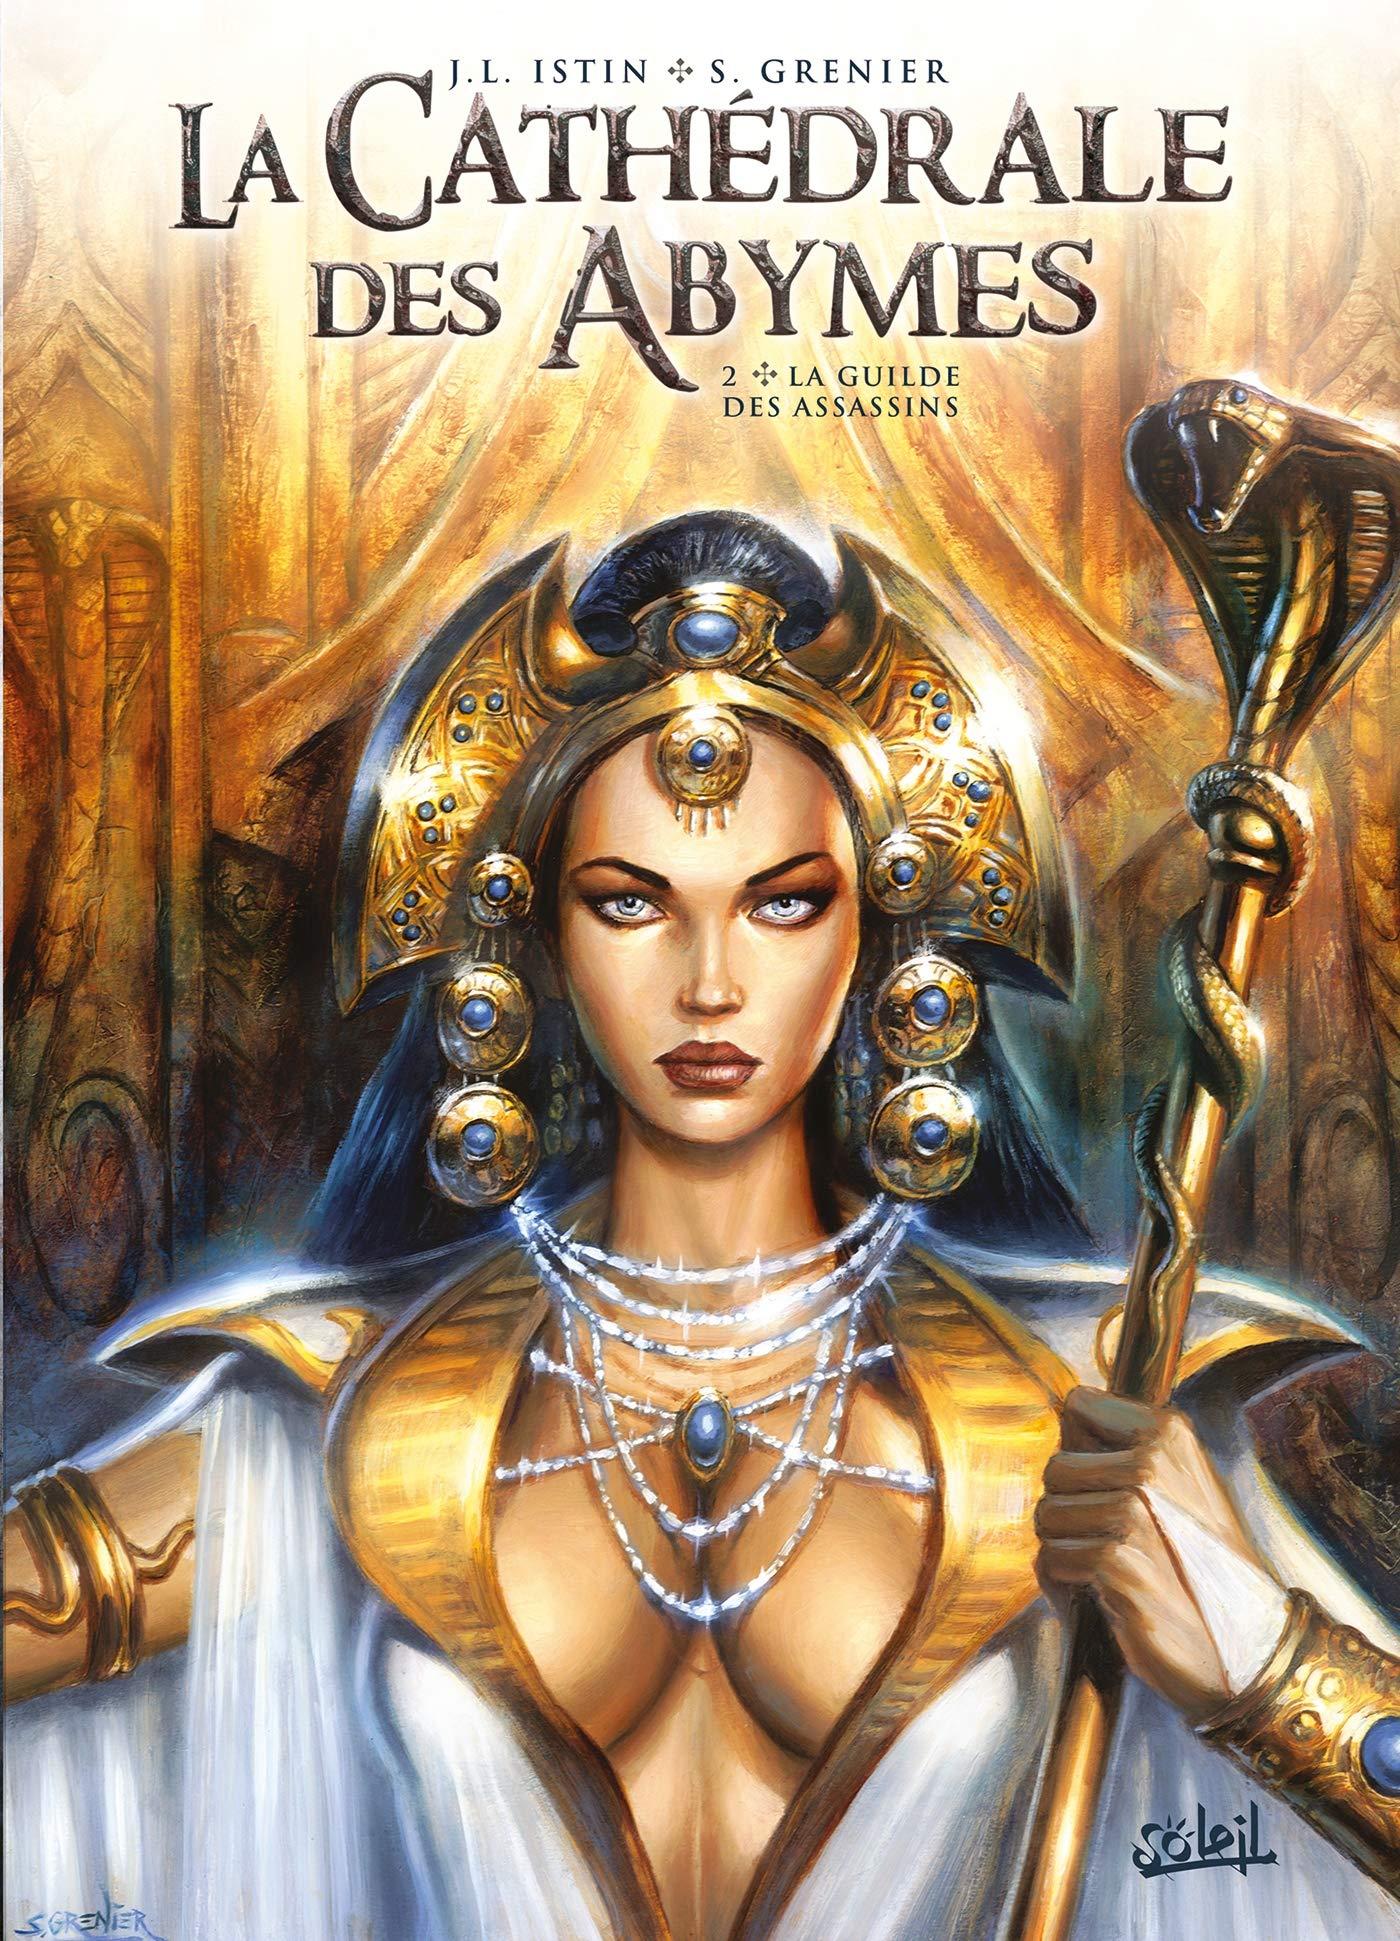 La cathédrale des abymes 2 - La guilde des assassins